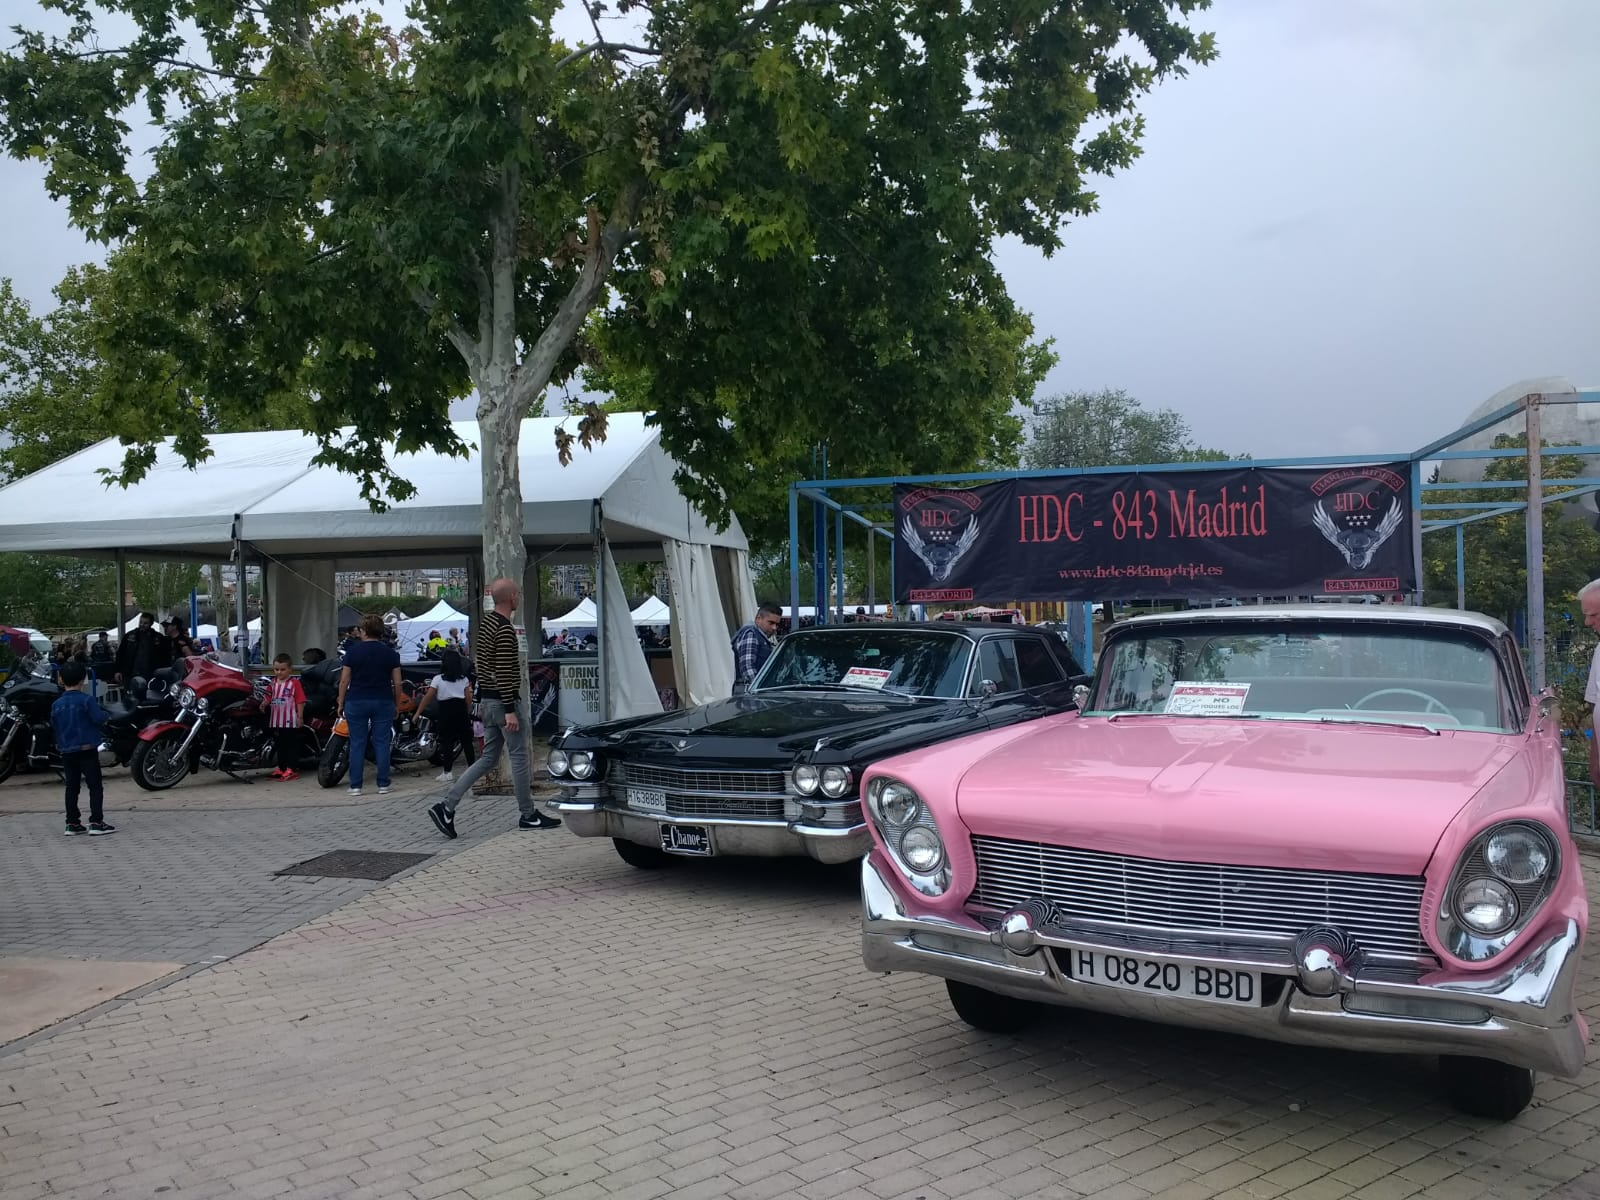 esposición de coches clásicos en el HDC Rockin Fest 2019